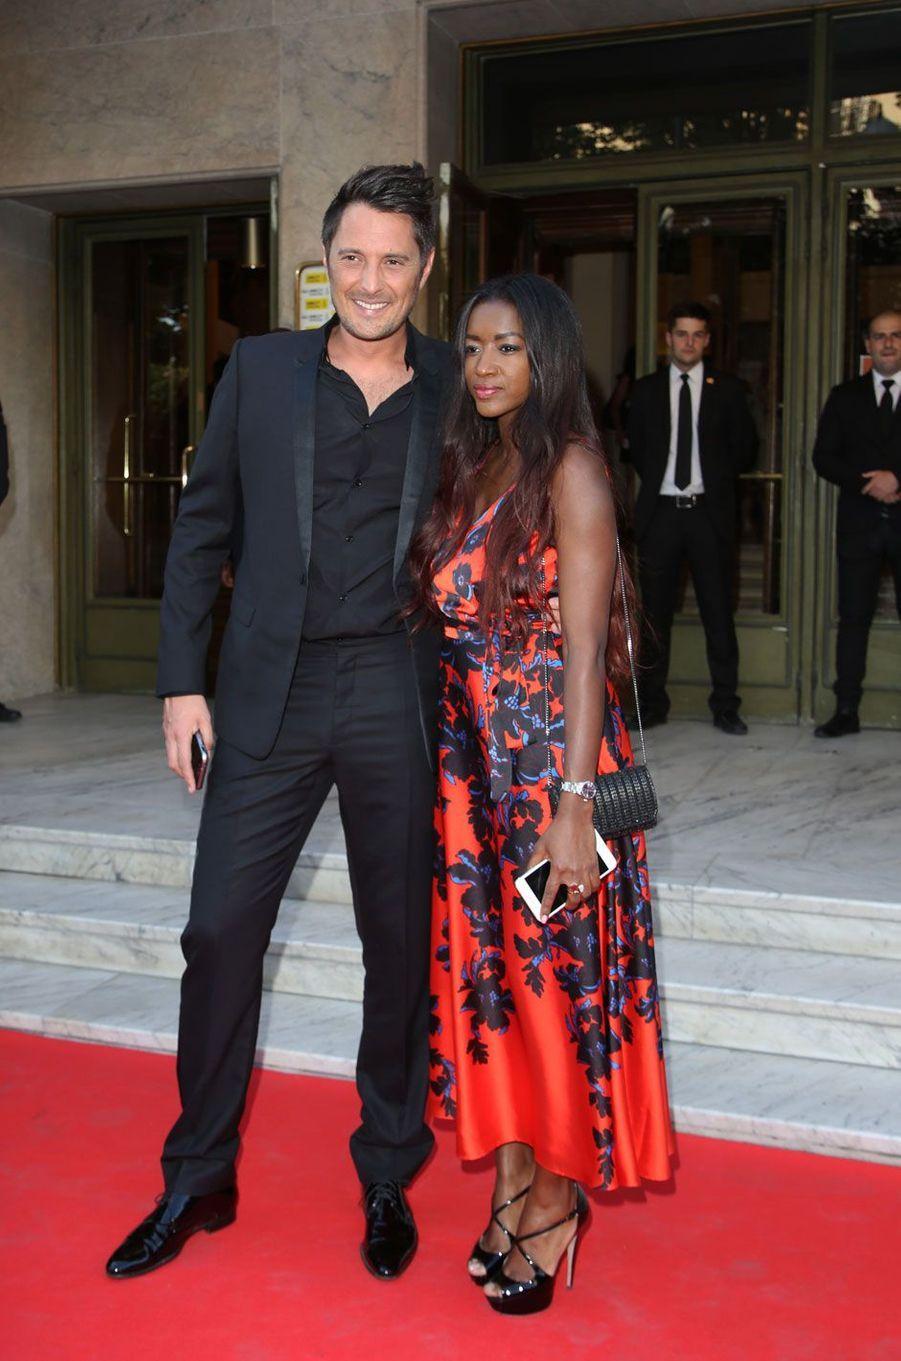 Vincent Cerruti et sa compagne Hapsatou Sy